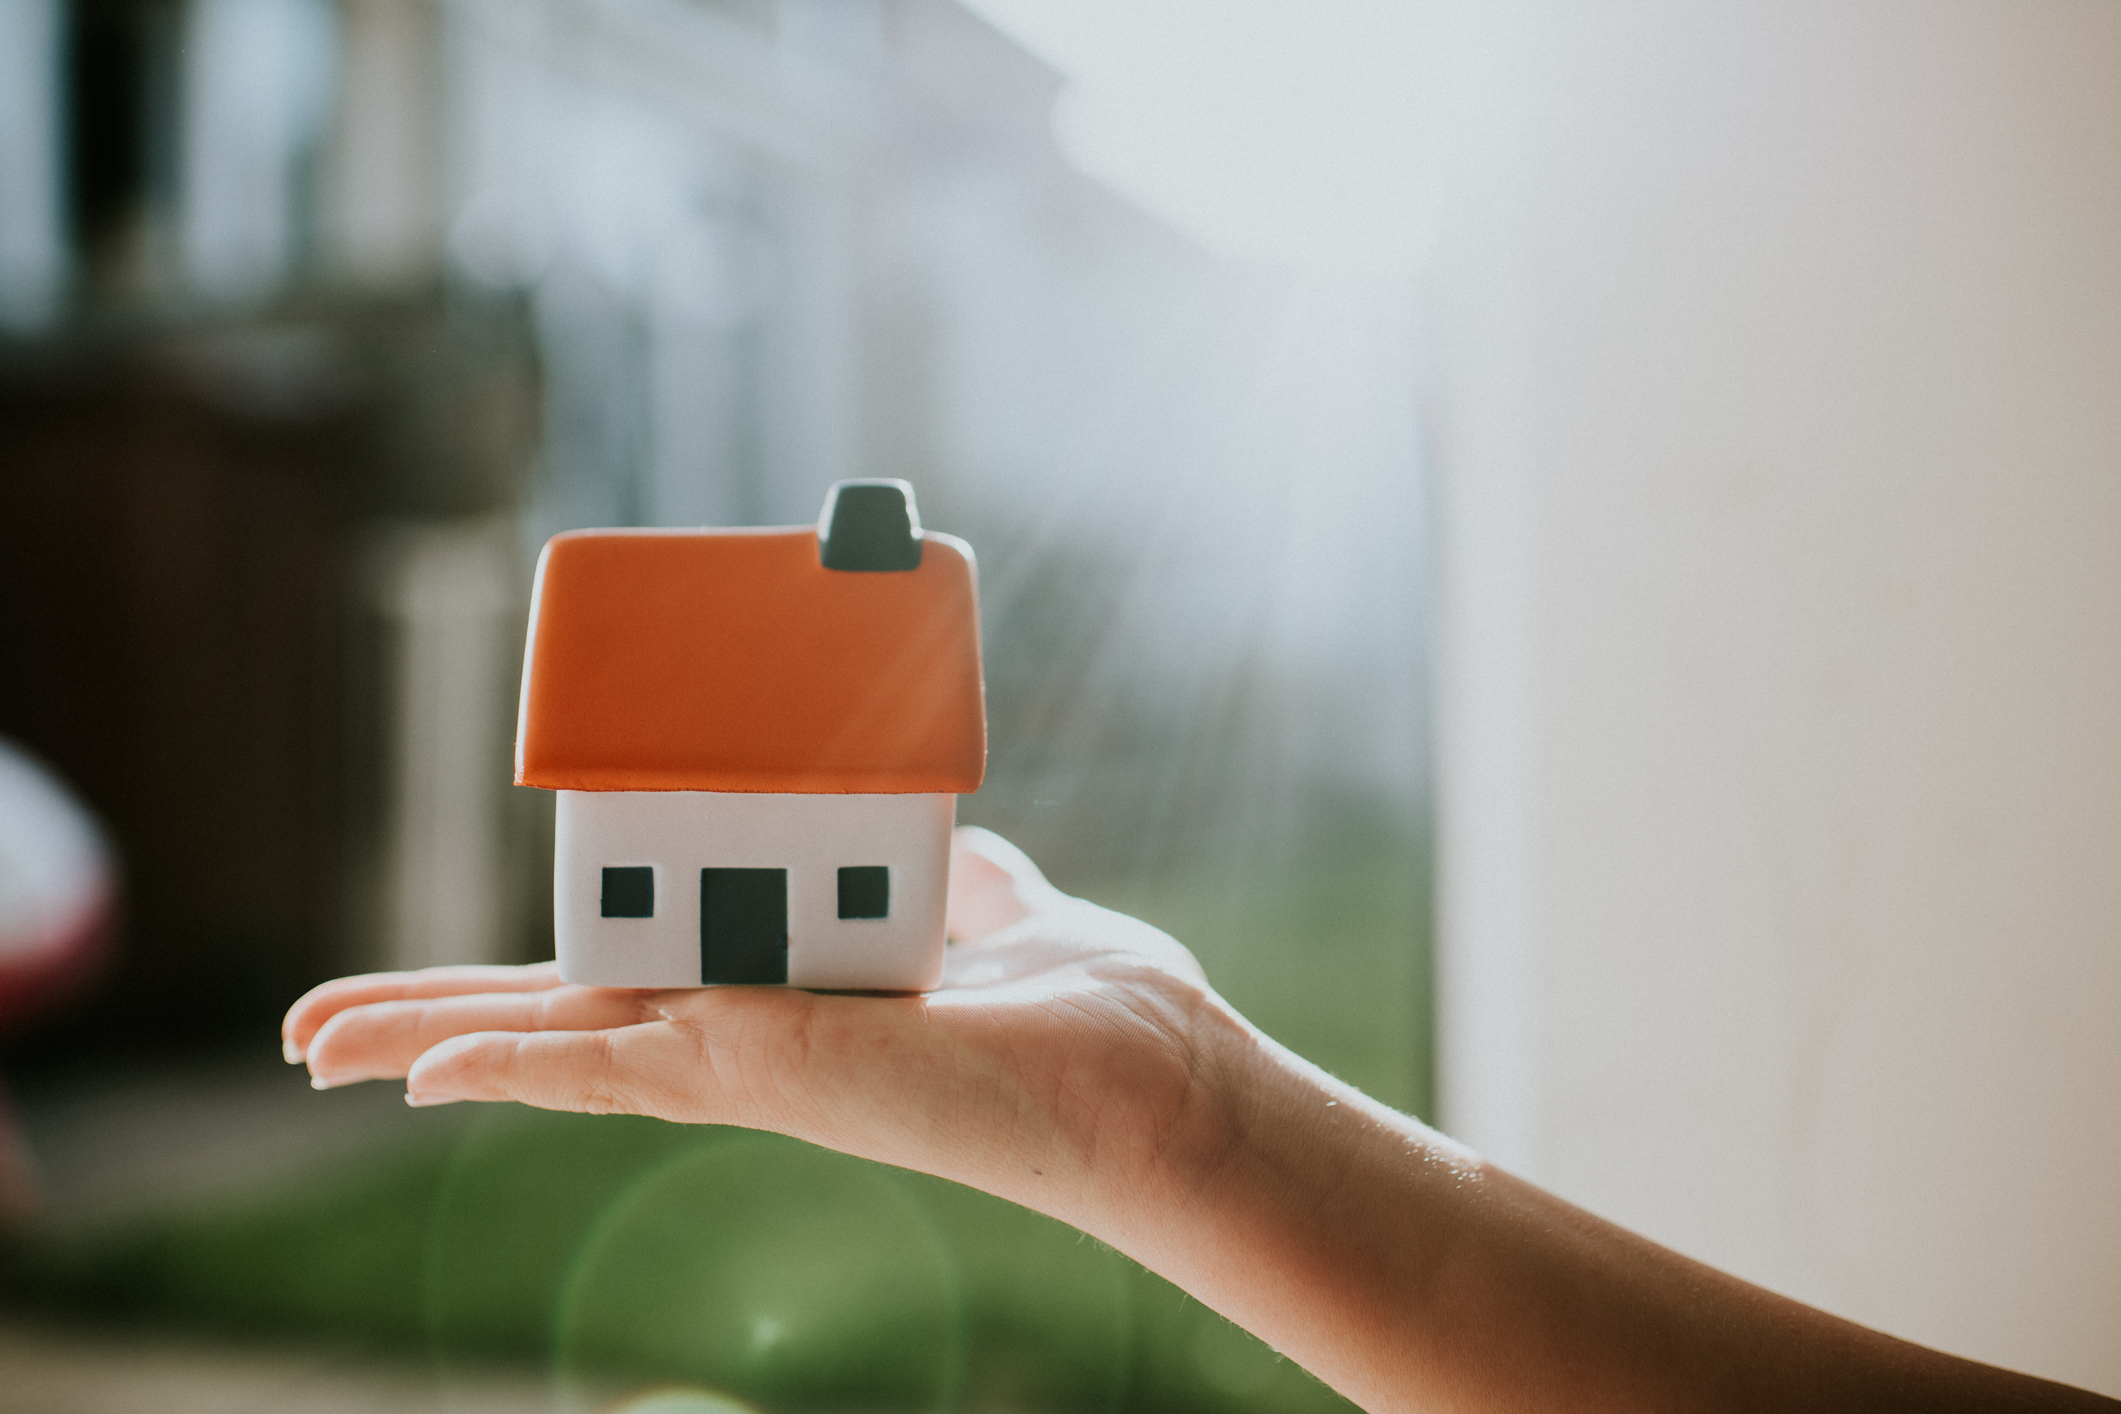 Casa en miniatura sobre una mano.